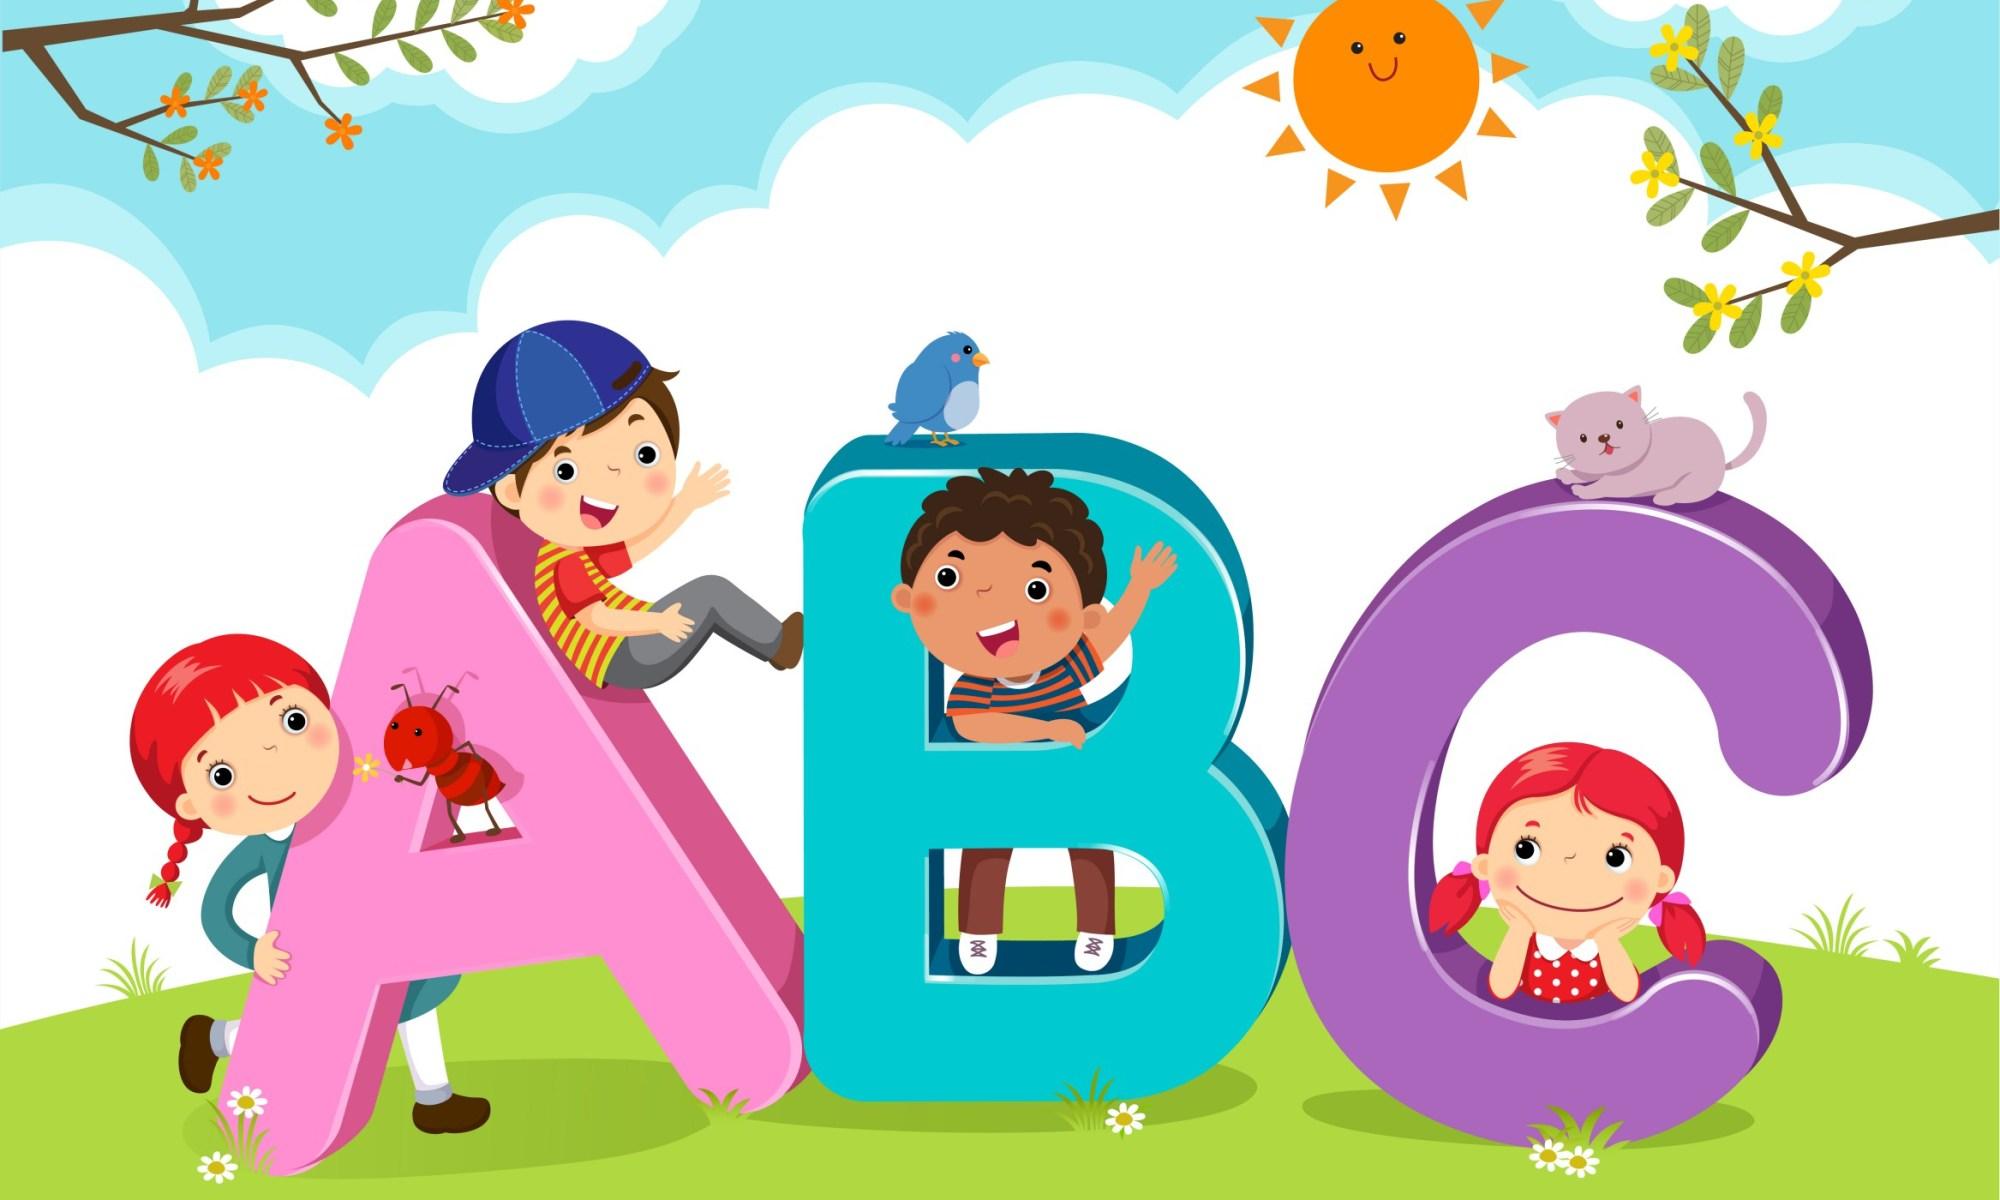 Bambini dei cartoni animati con lettere ABC